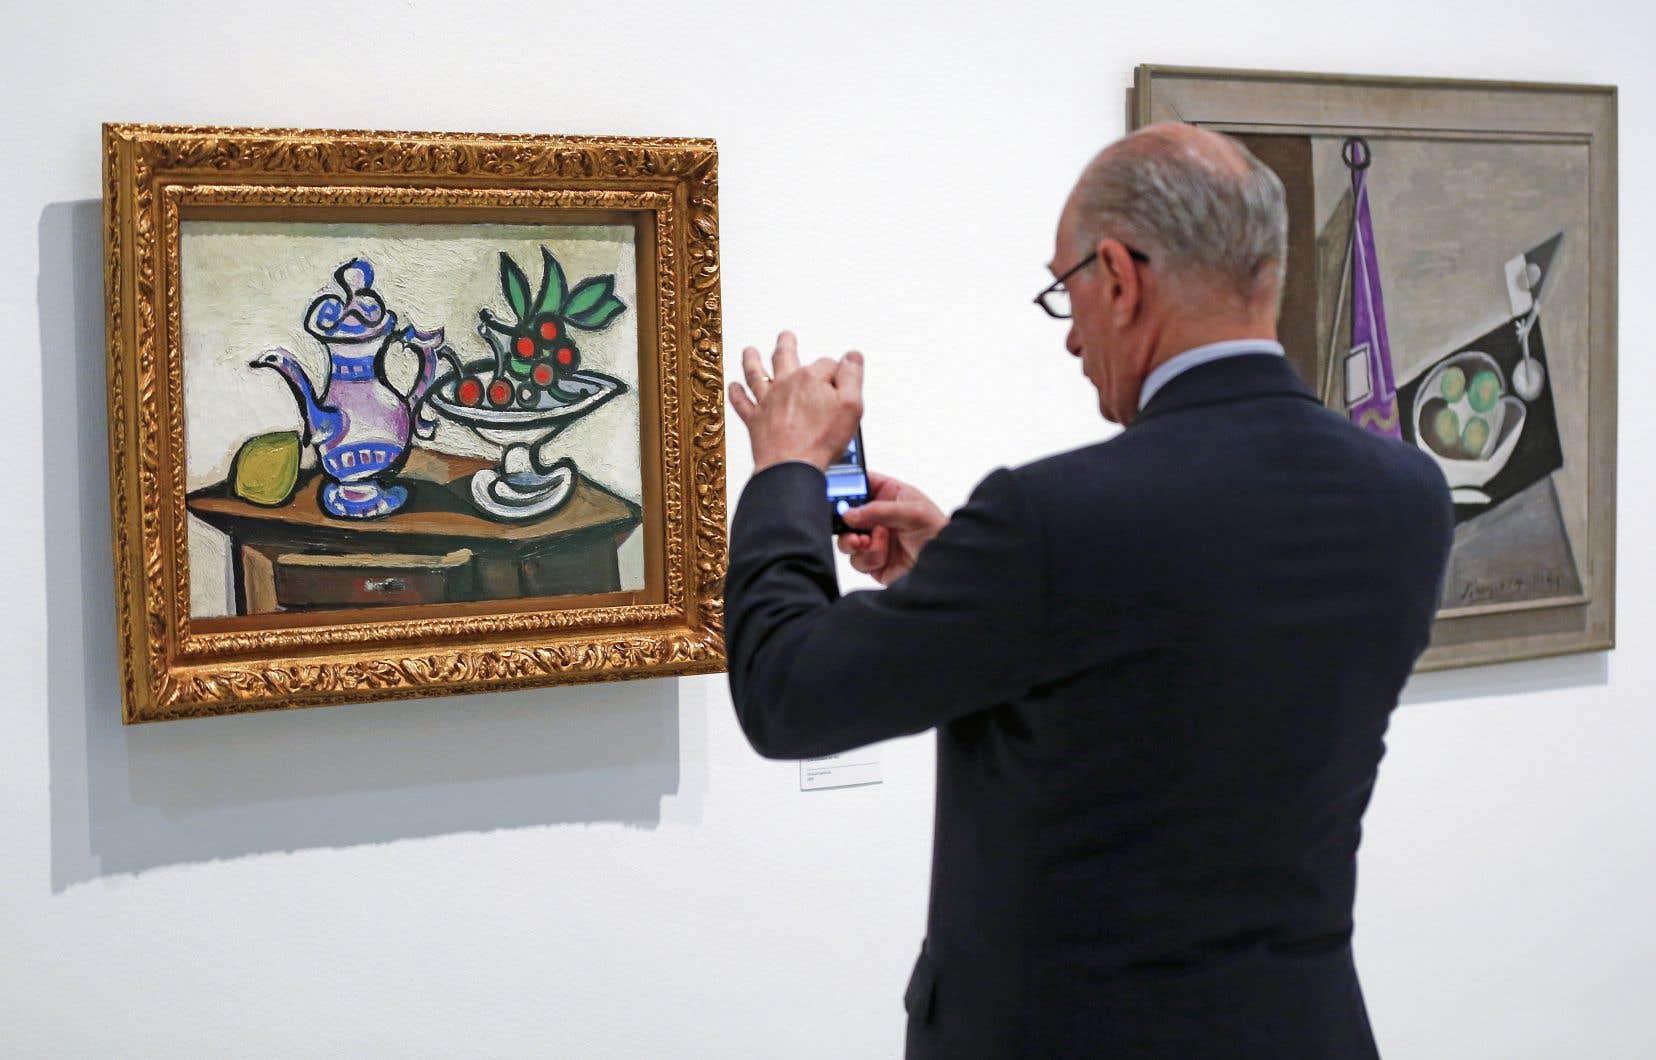 Afin de développer un parcours olfactif, François Chartier a fait appel à une équipe de spécialistes des arômes. Mais comment décrire précisément l'odeur qu'on aimerait recréer?